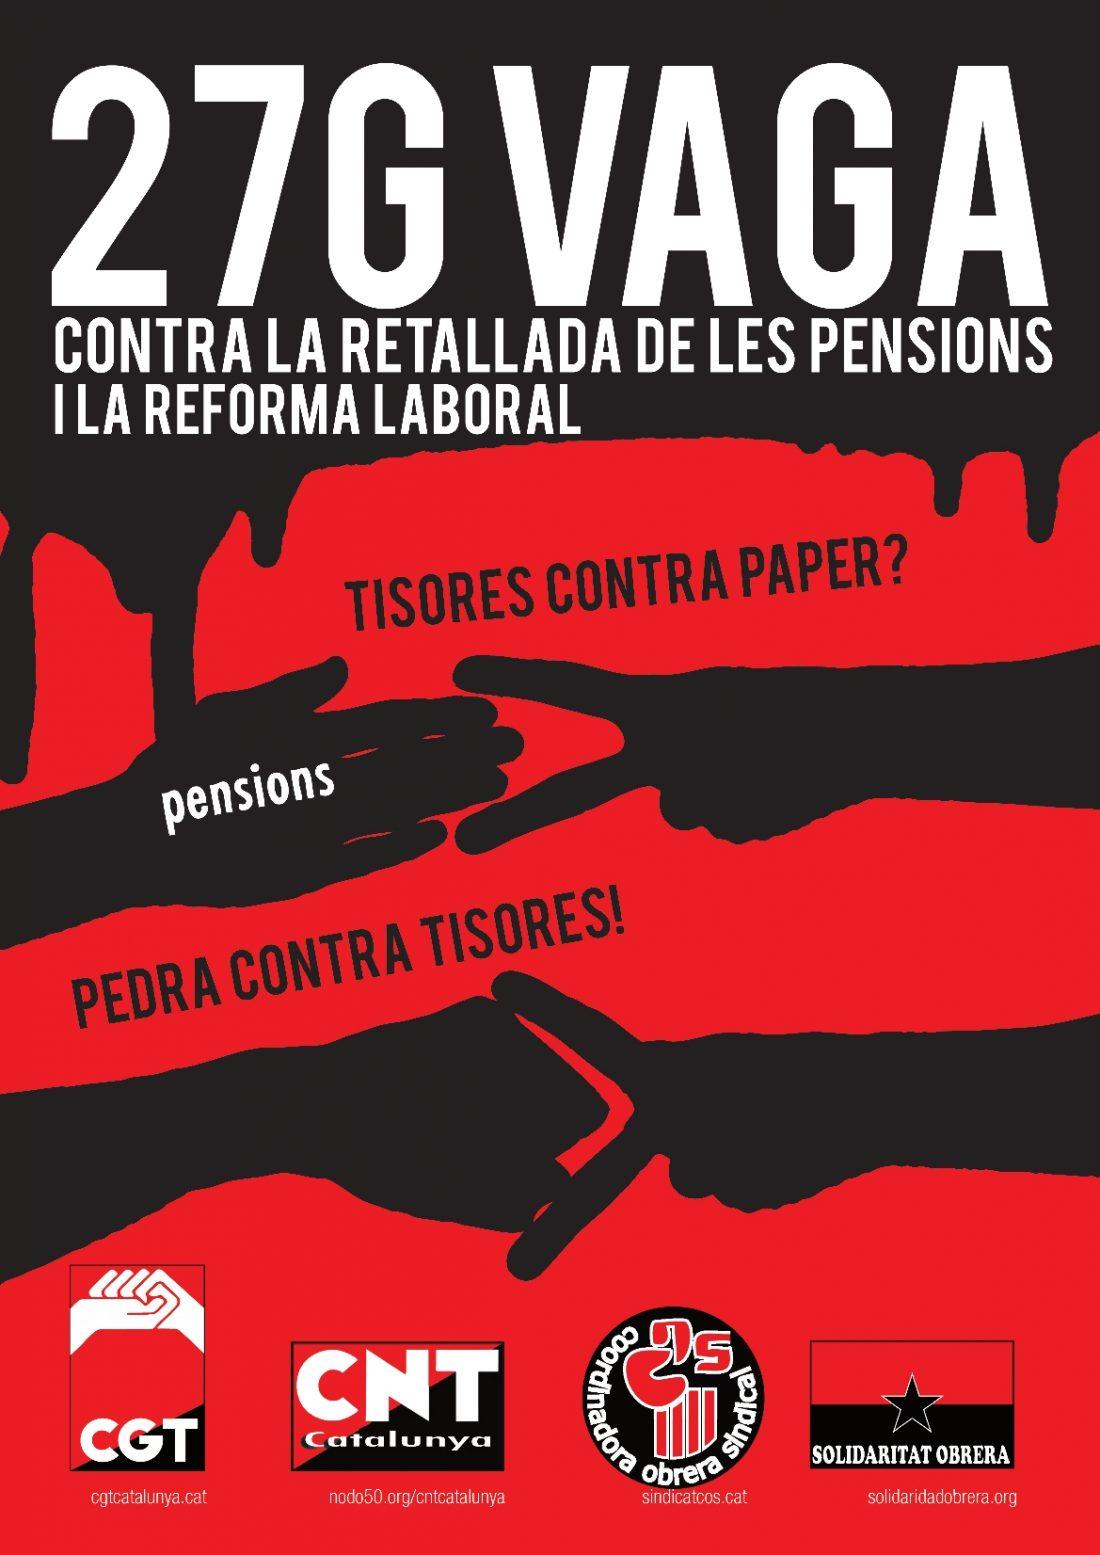 La CGT de Catalunya convoca Huelga General el próximo día 27 de Enero